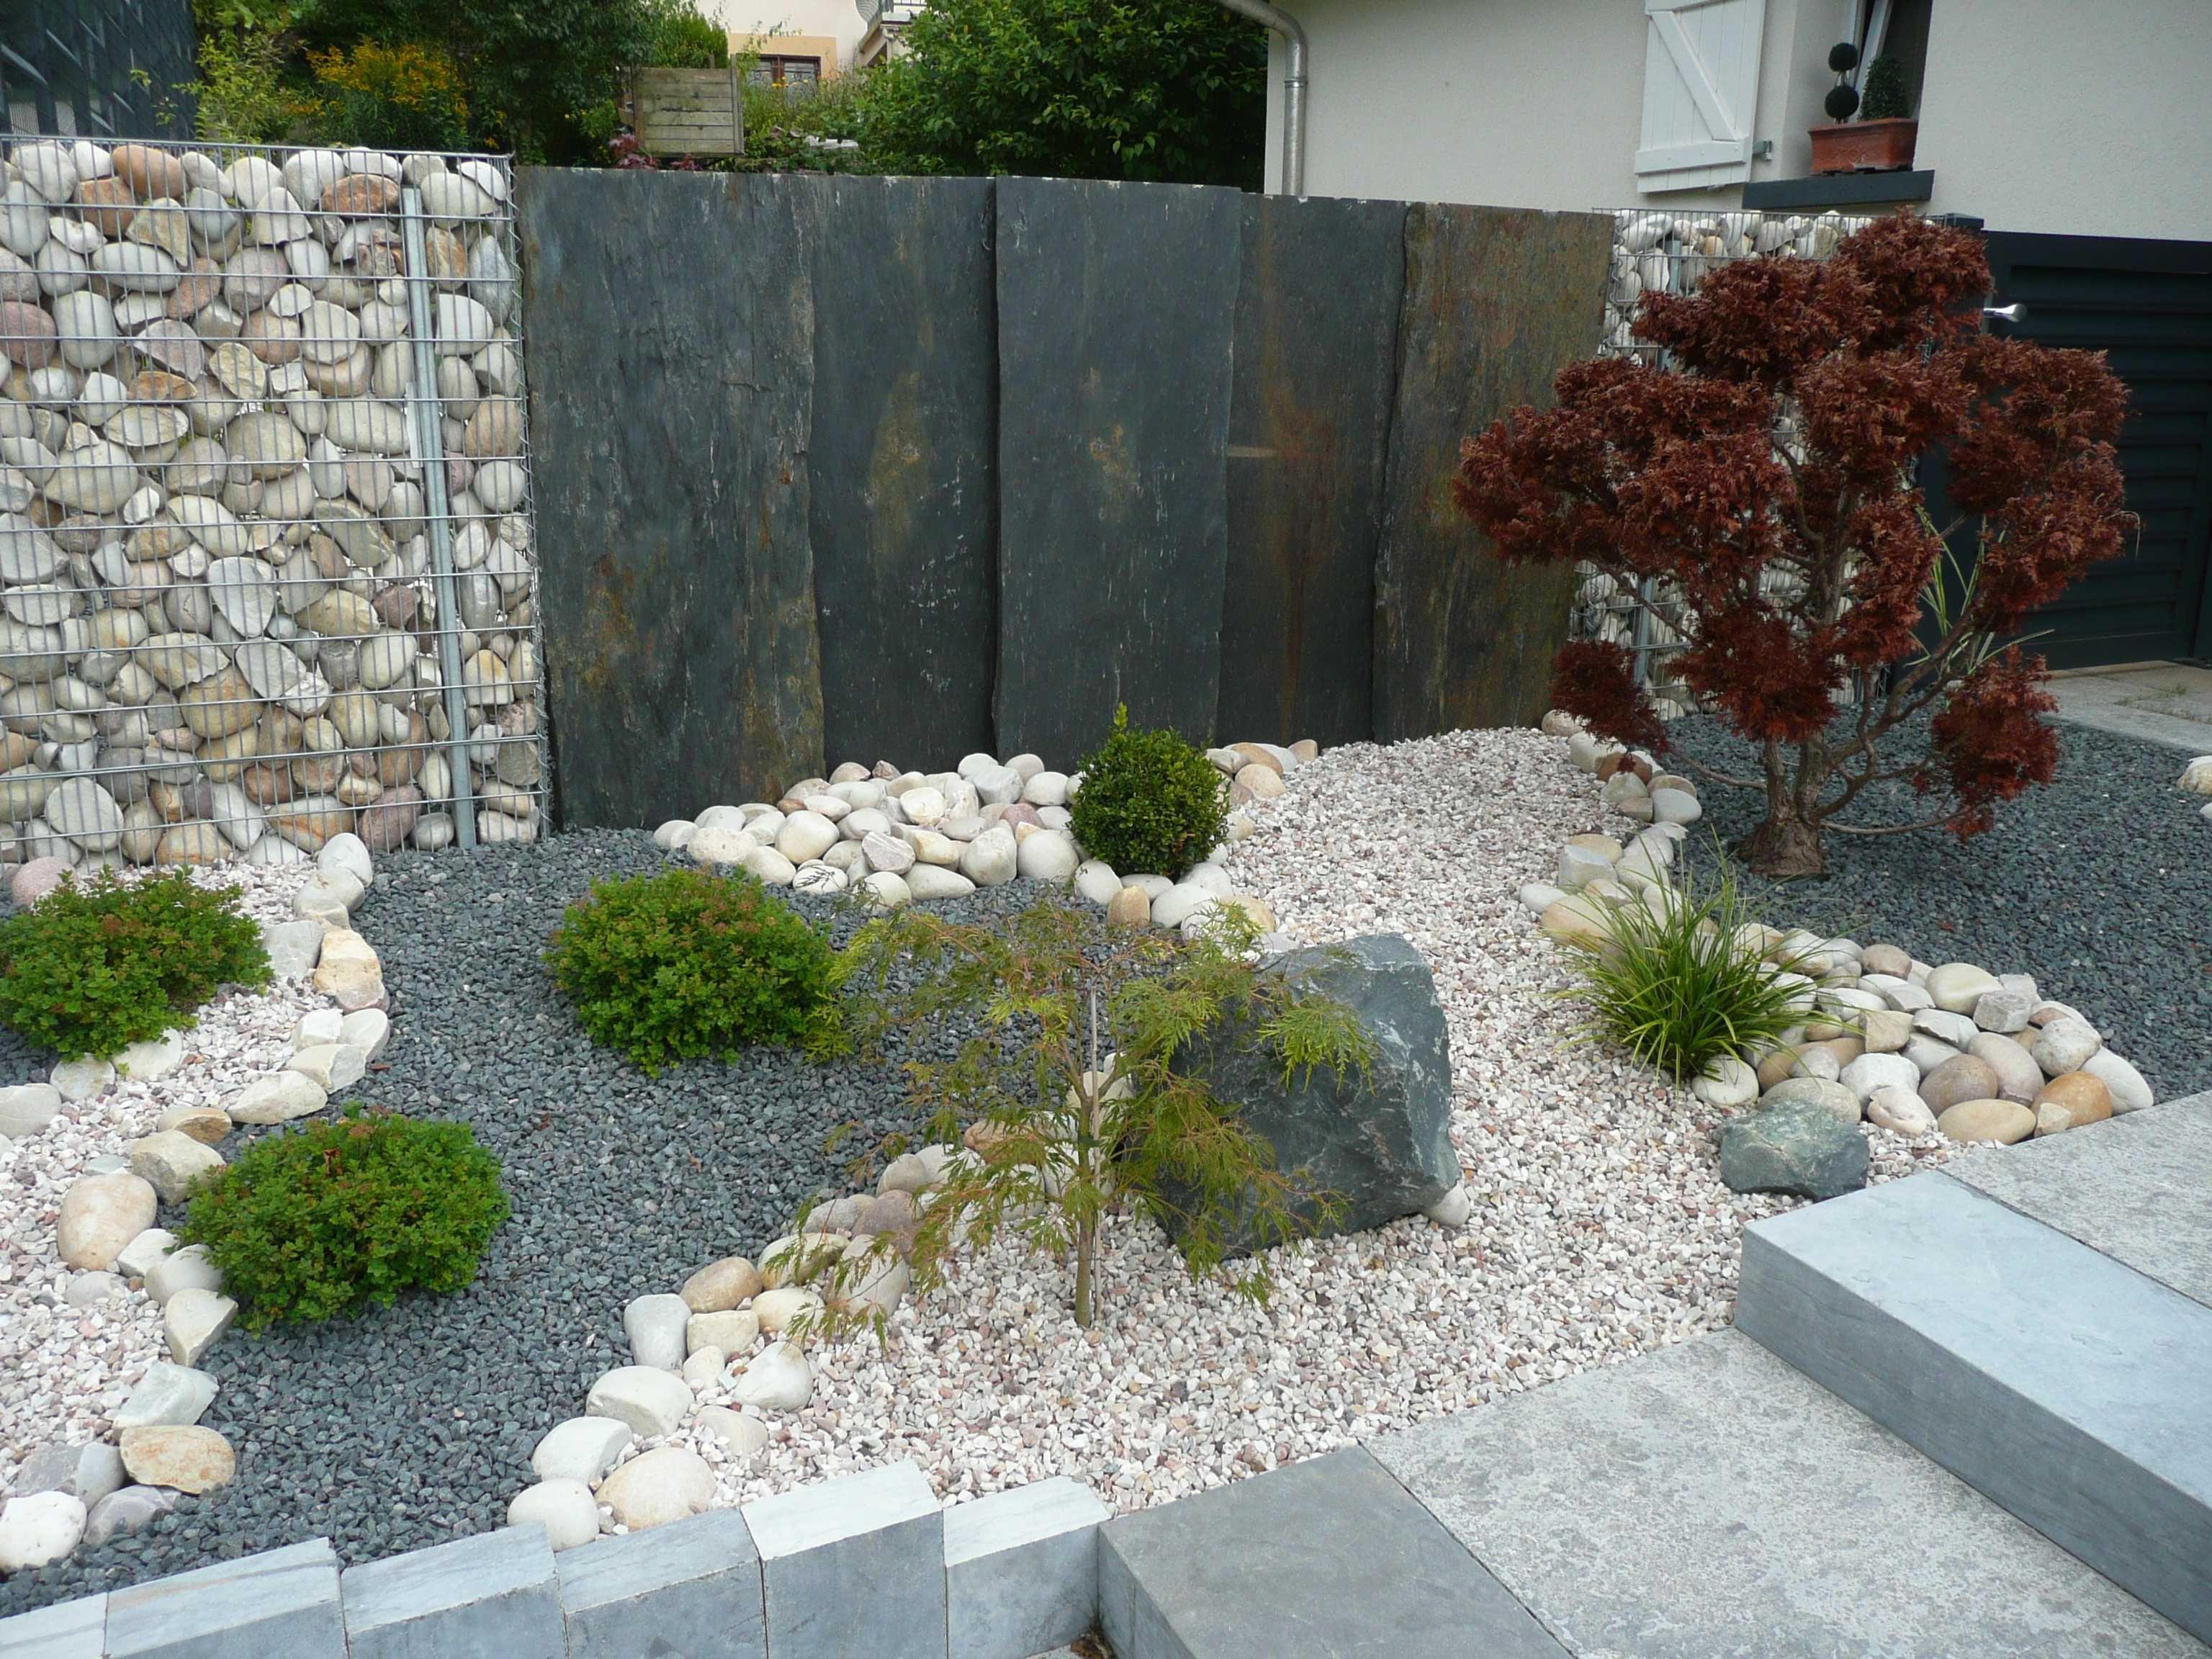 Les Meilleures Images Du Tableau Inspirations Et Amenager Parterre Devant Maison Images Jardin Mineral Amenagement Jardin Devant Maison Jardins